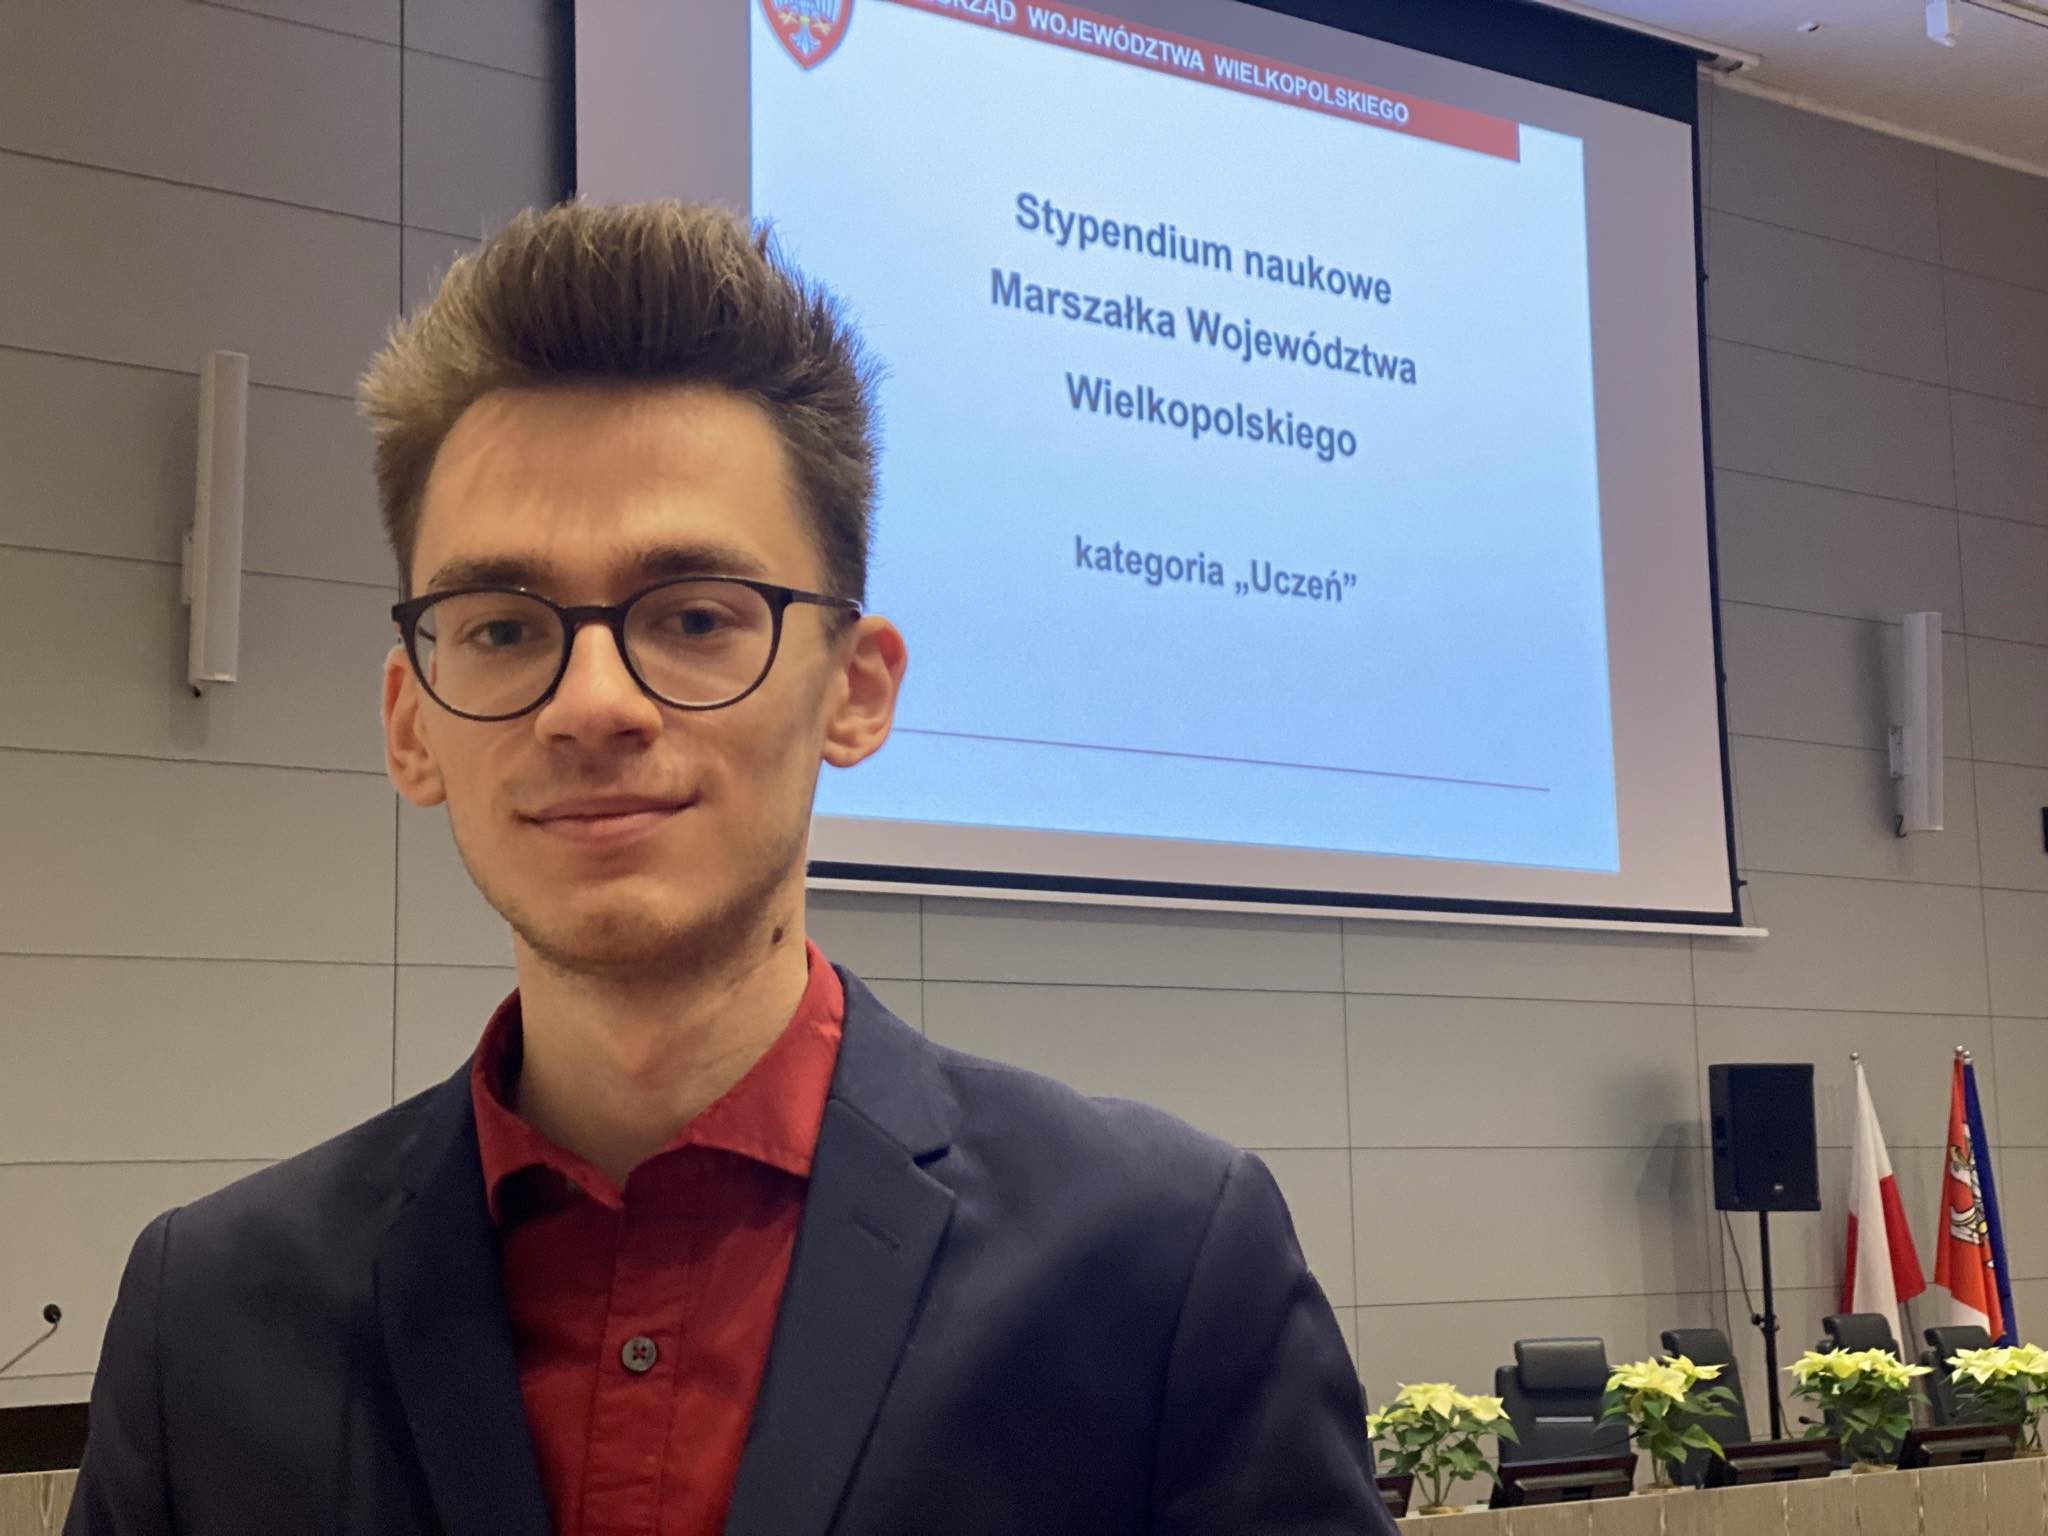 Konrad Biesiada - Michał Jędrkowiak